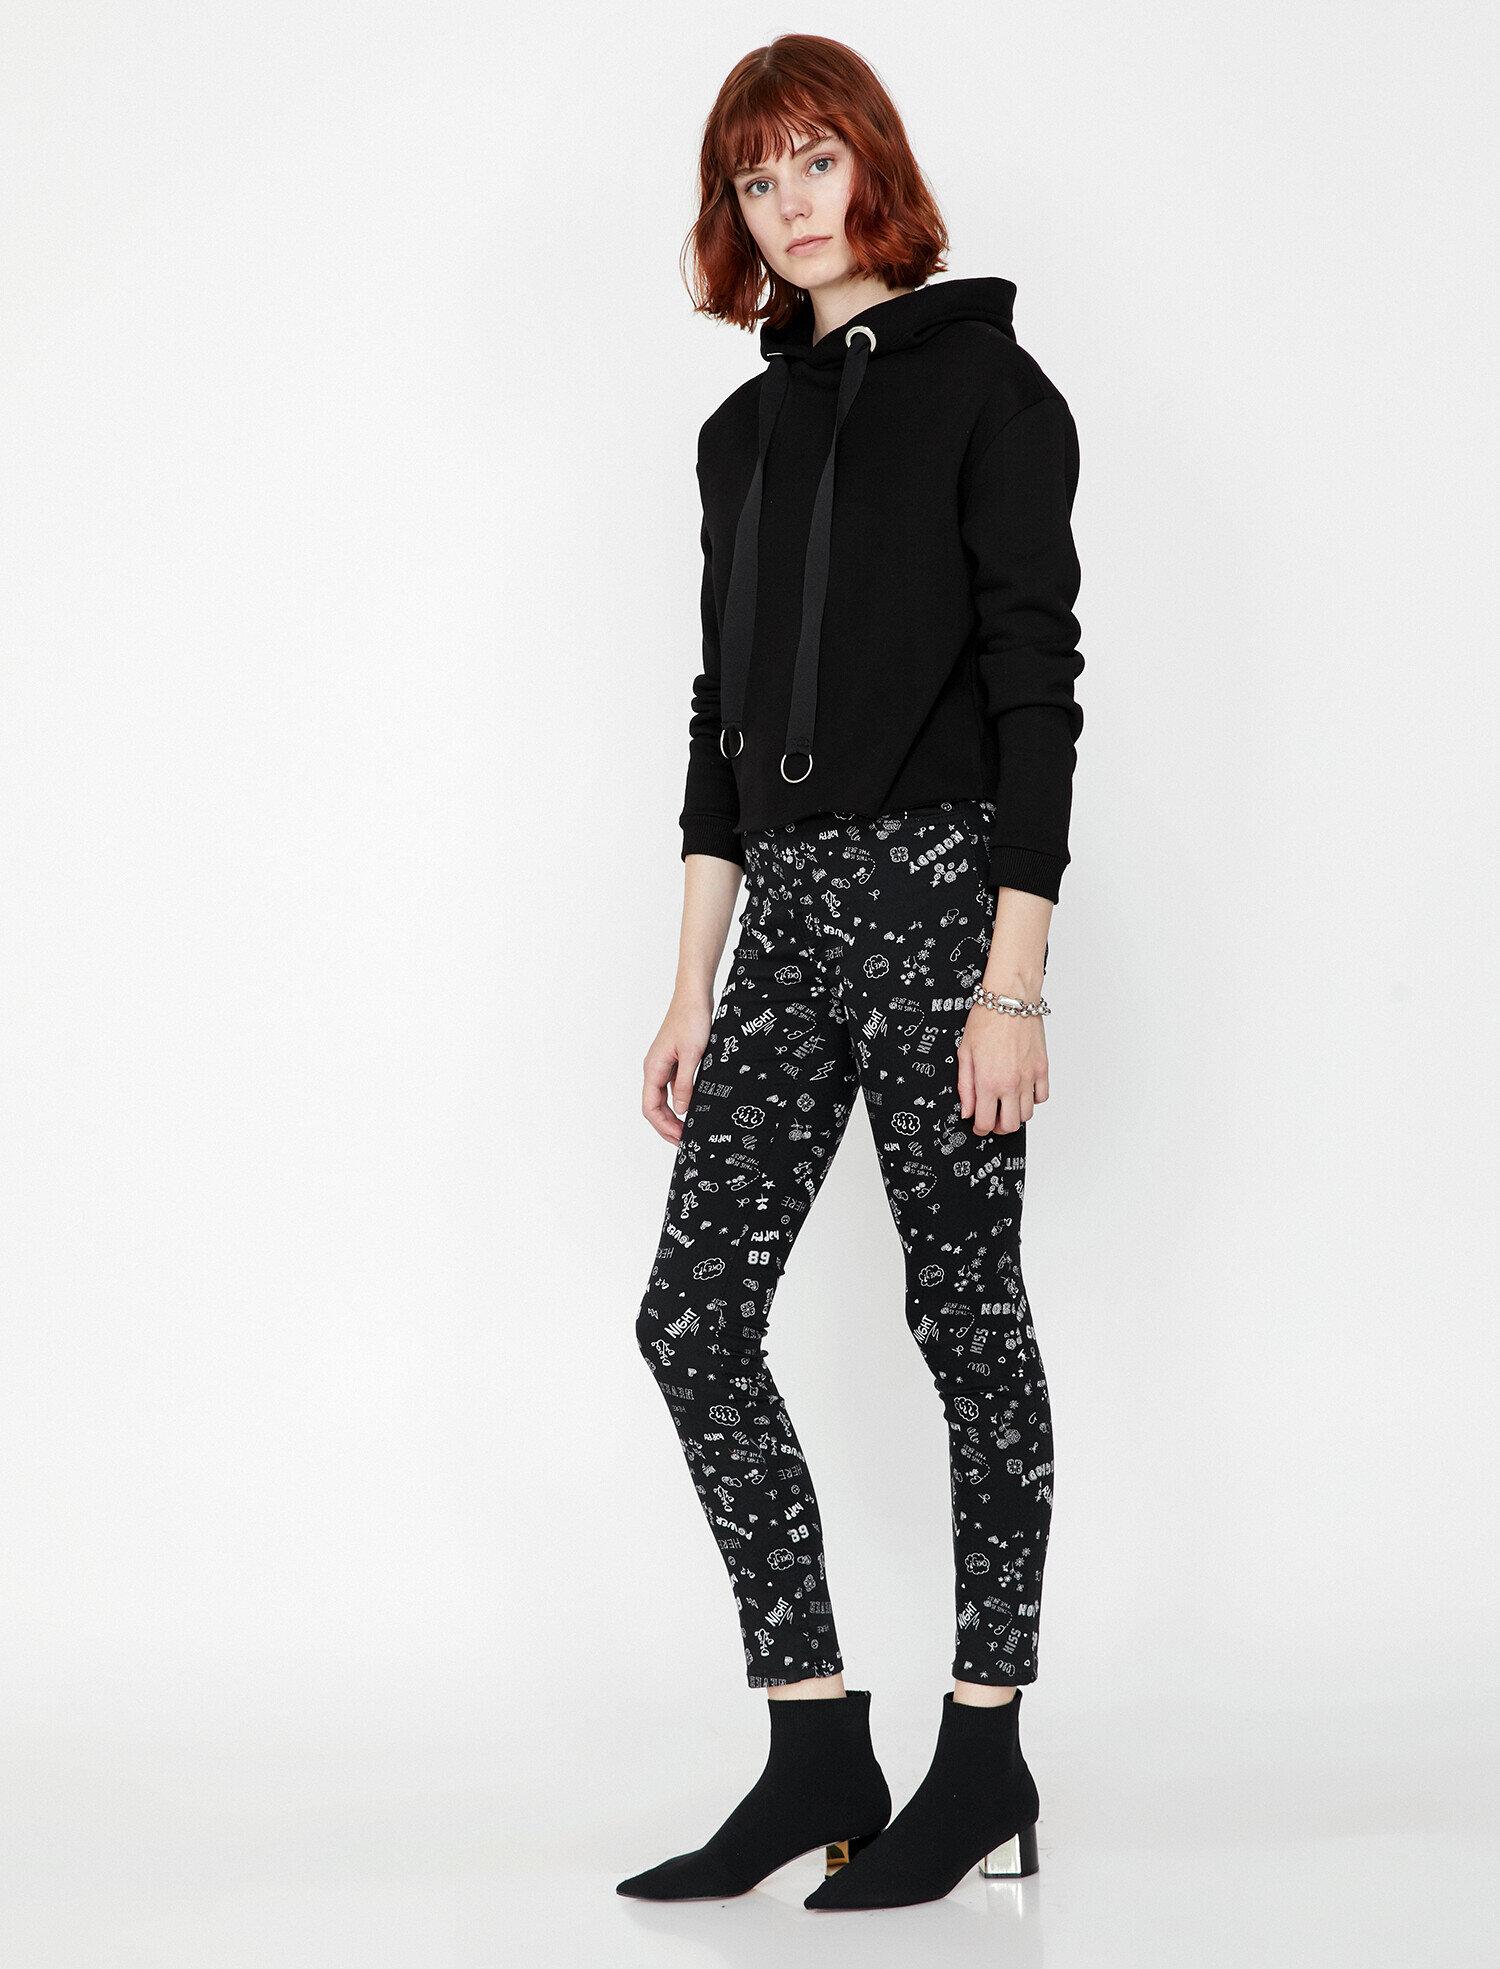 Koton Kadın Yazili Baskili Pantolon Siyah Ürün Resmi